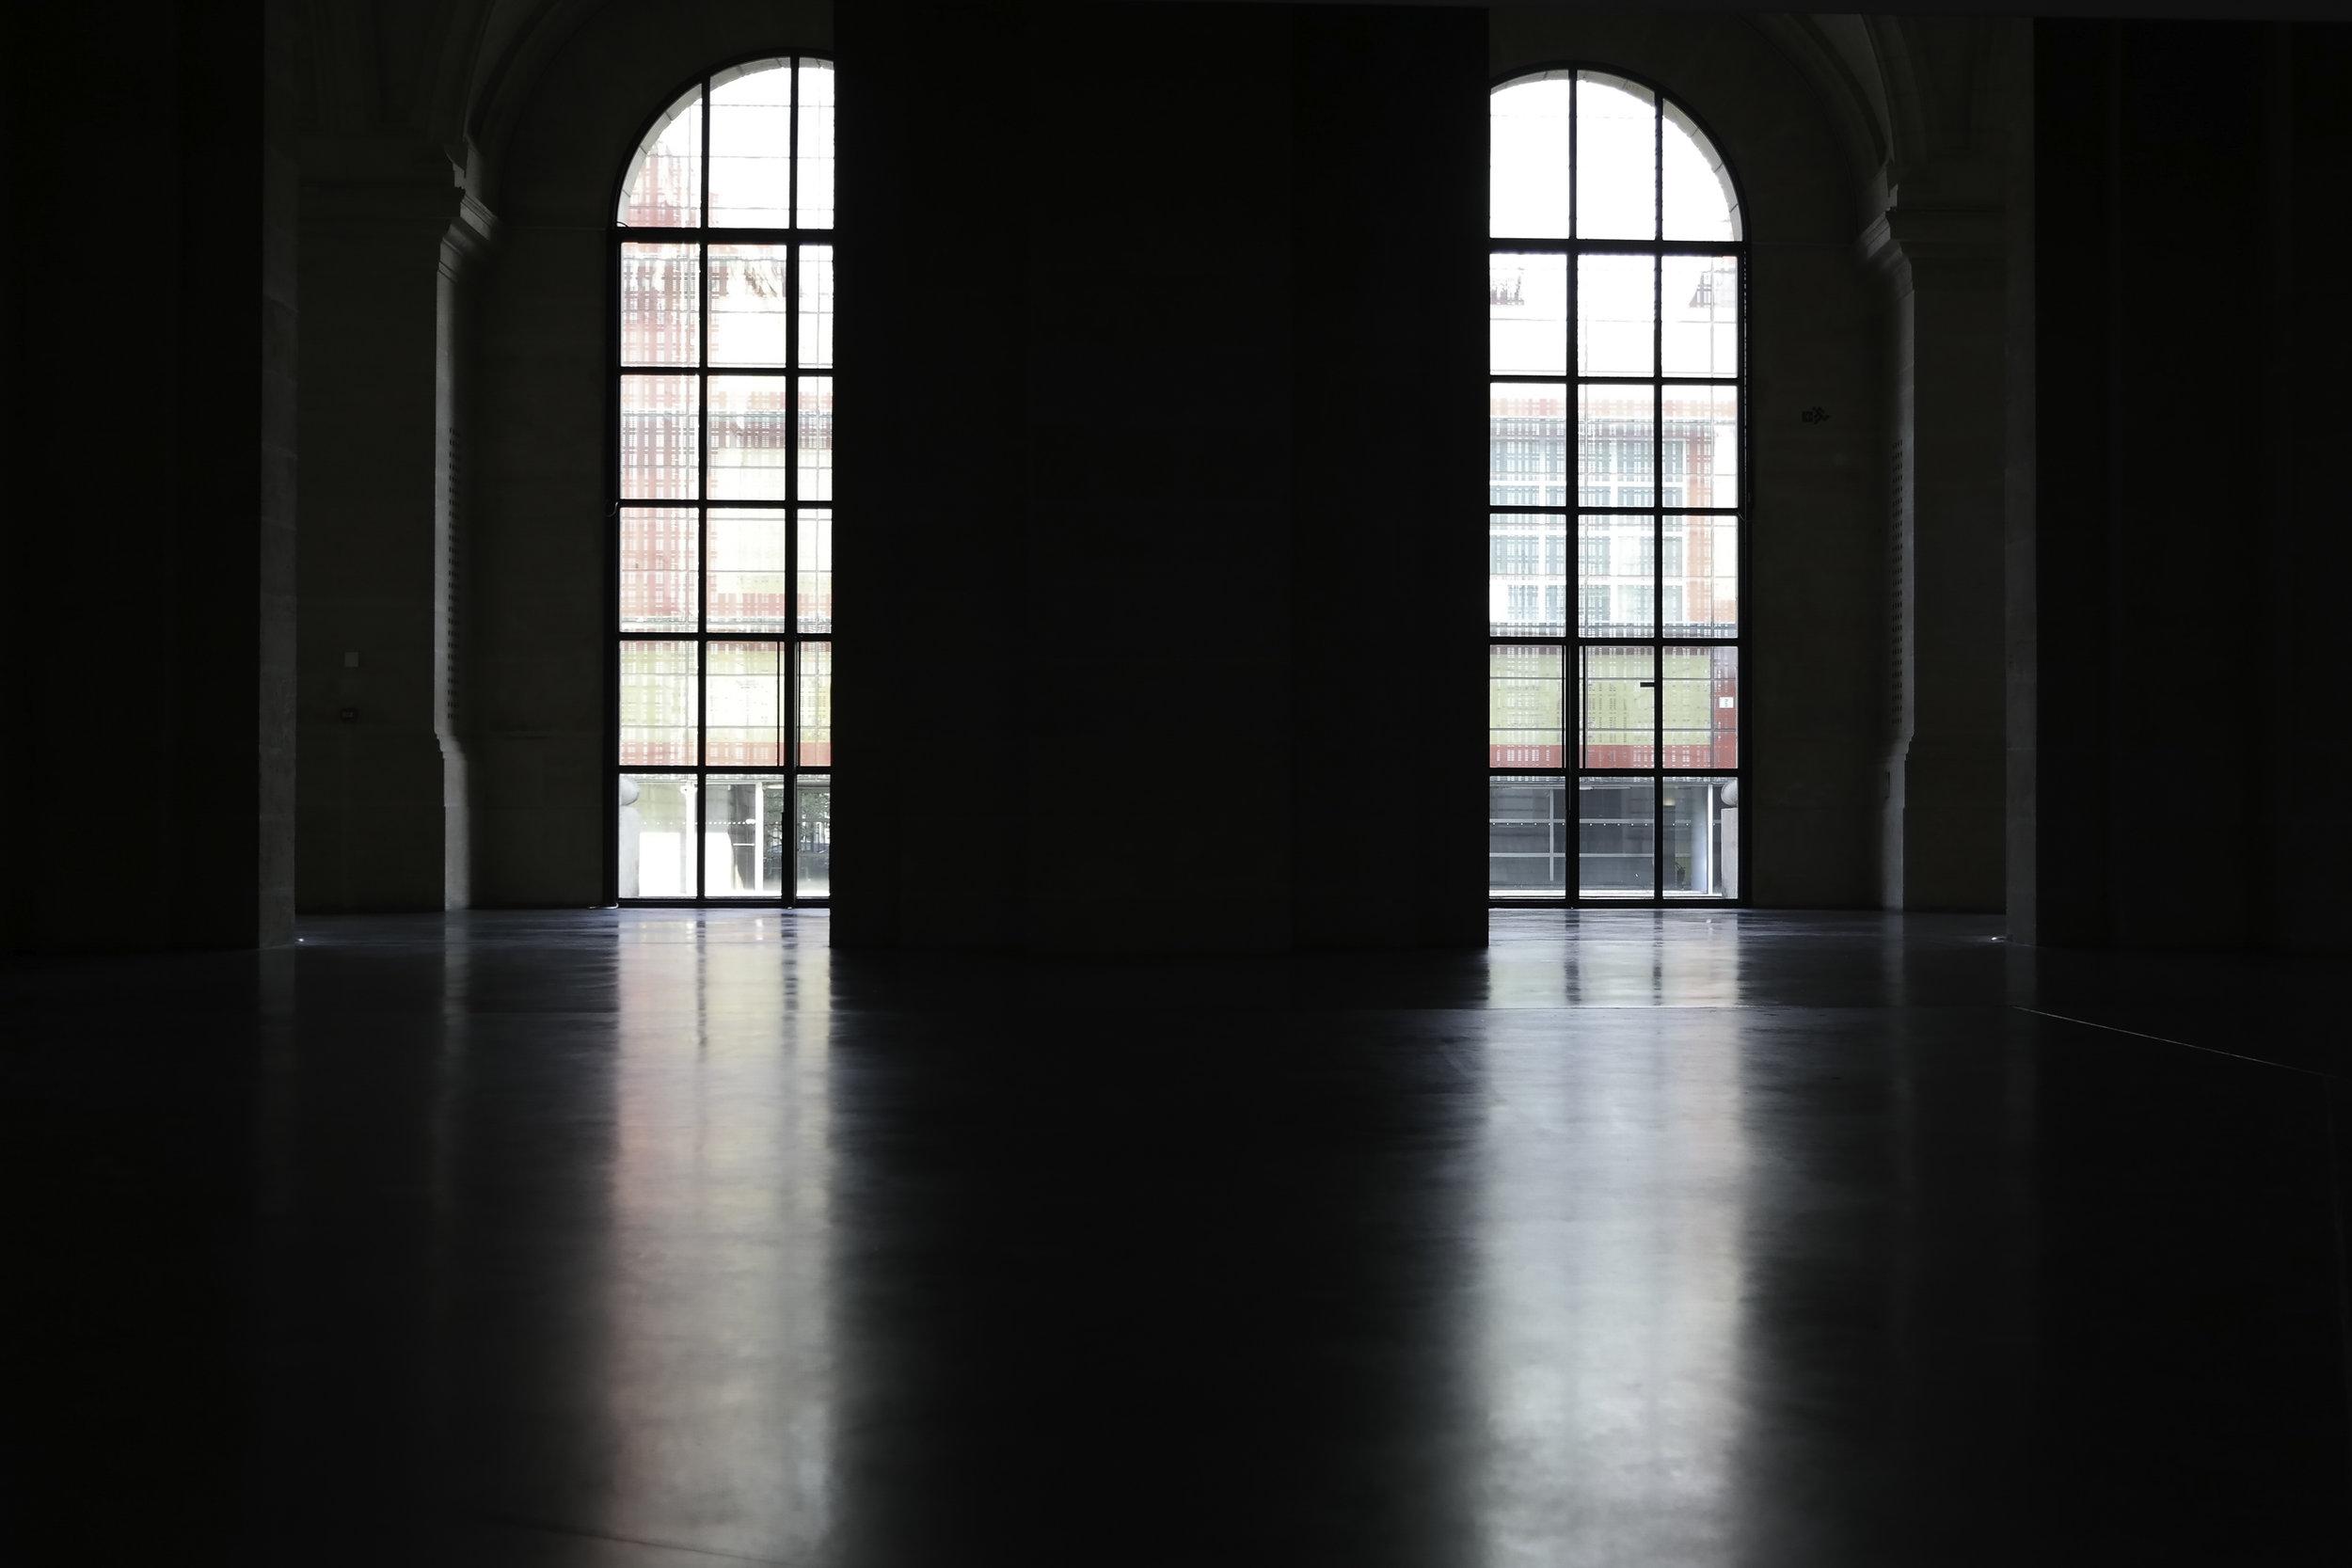 Serene-window-symmetric-light-Lille-France.jpg